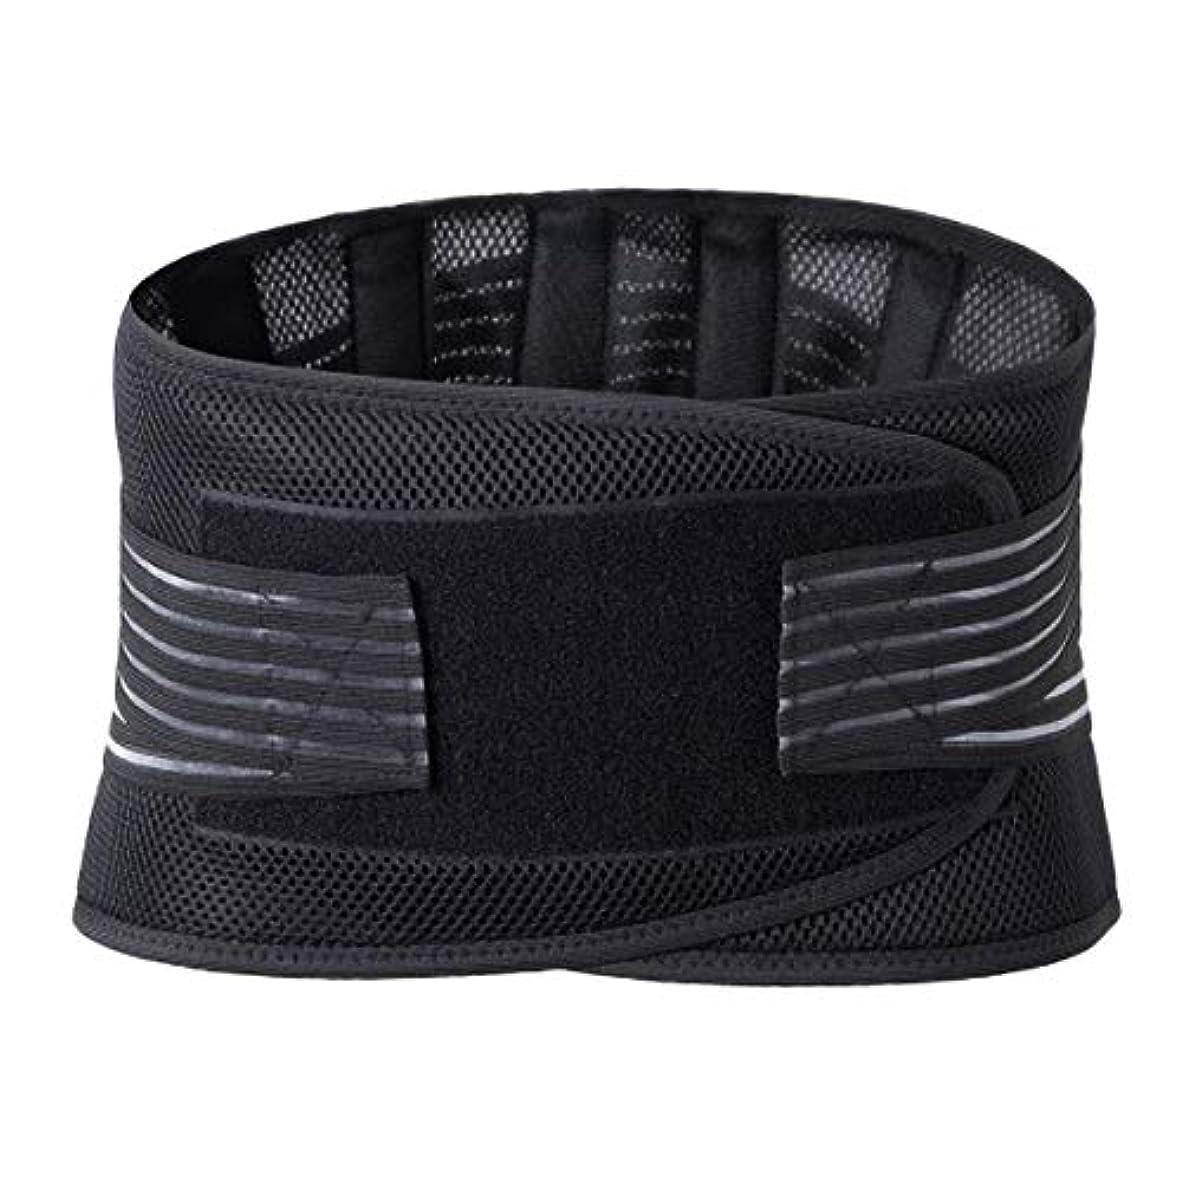 動知覚できる遺体安置所ランバーウエストサポートバックブレースベルトウエストサポートブレースフィットネススポーツ保護姿勢補正装置再構築